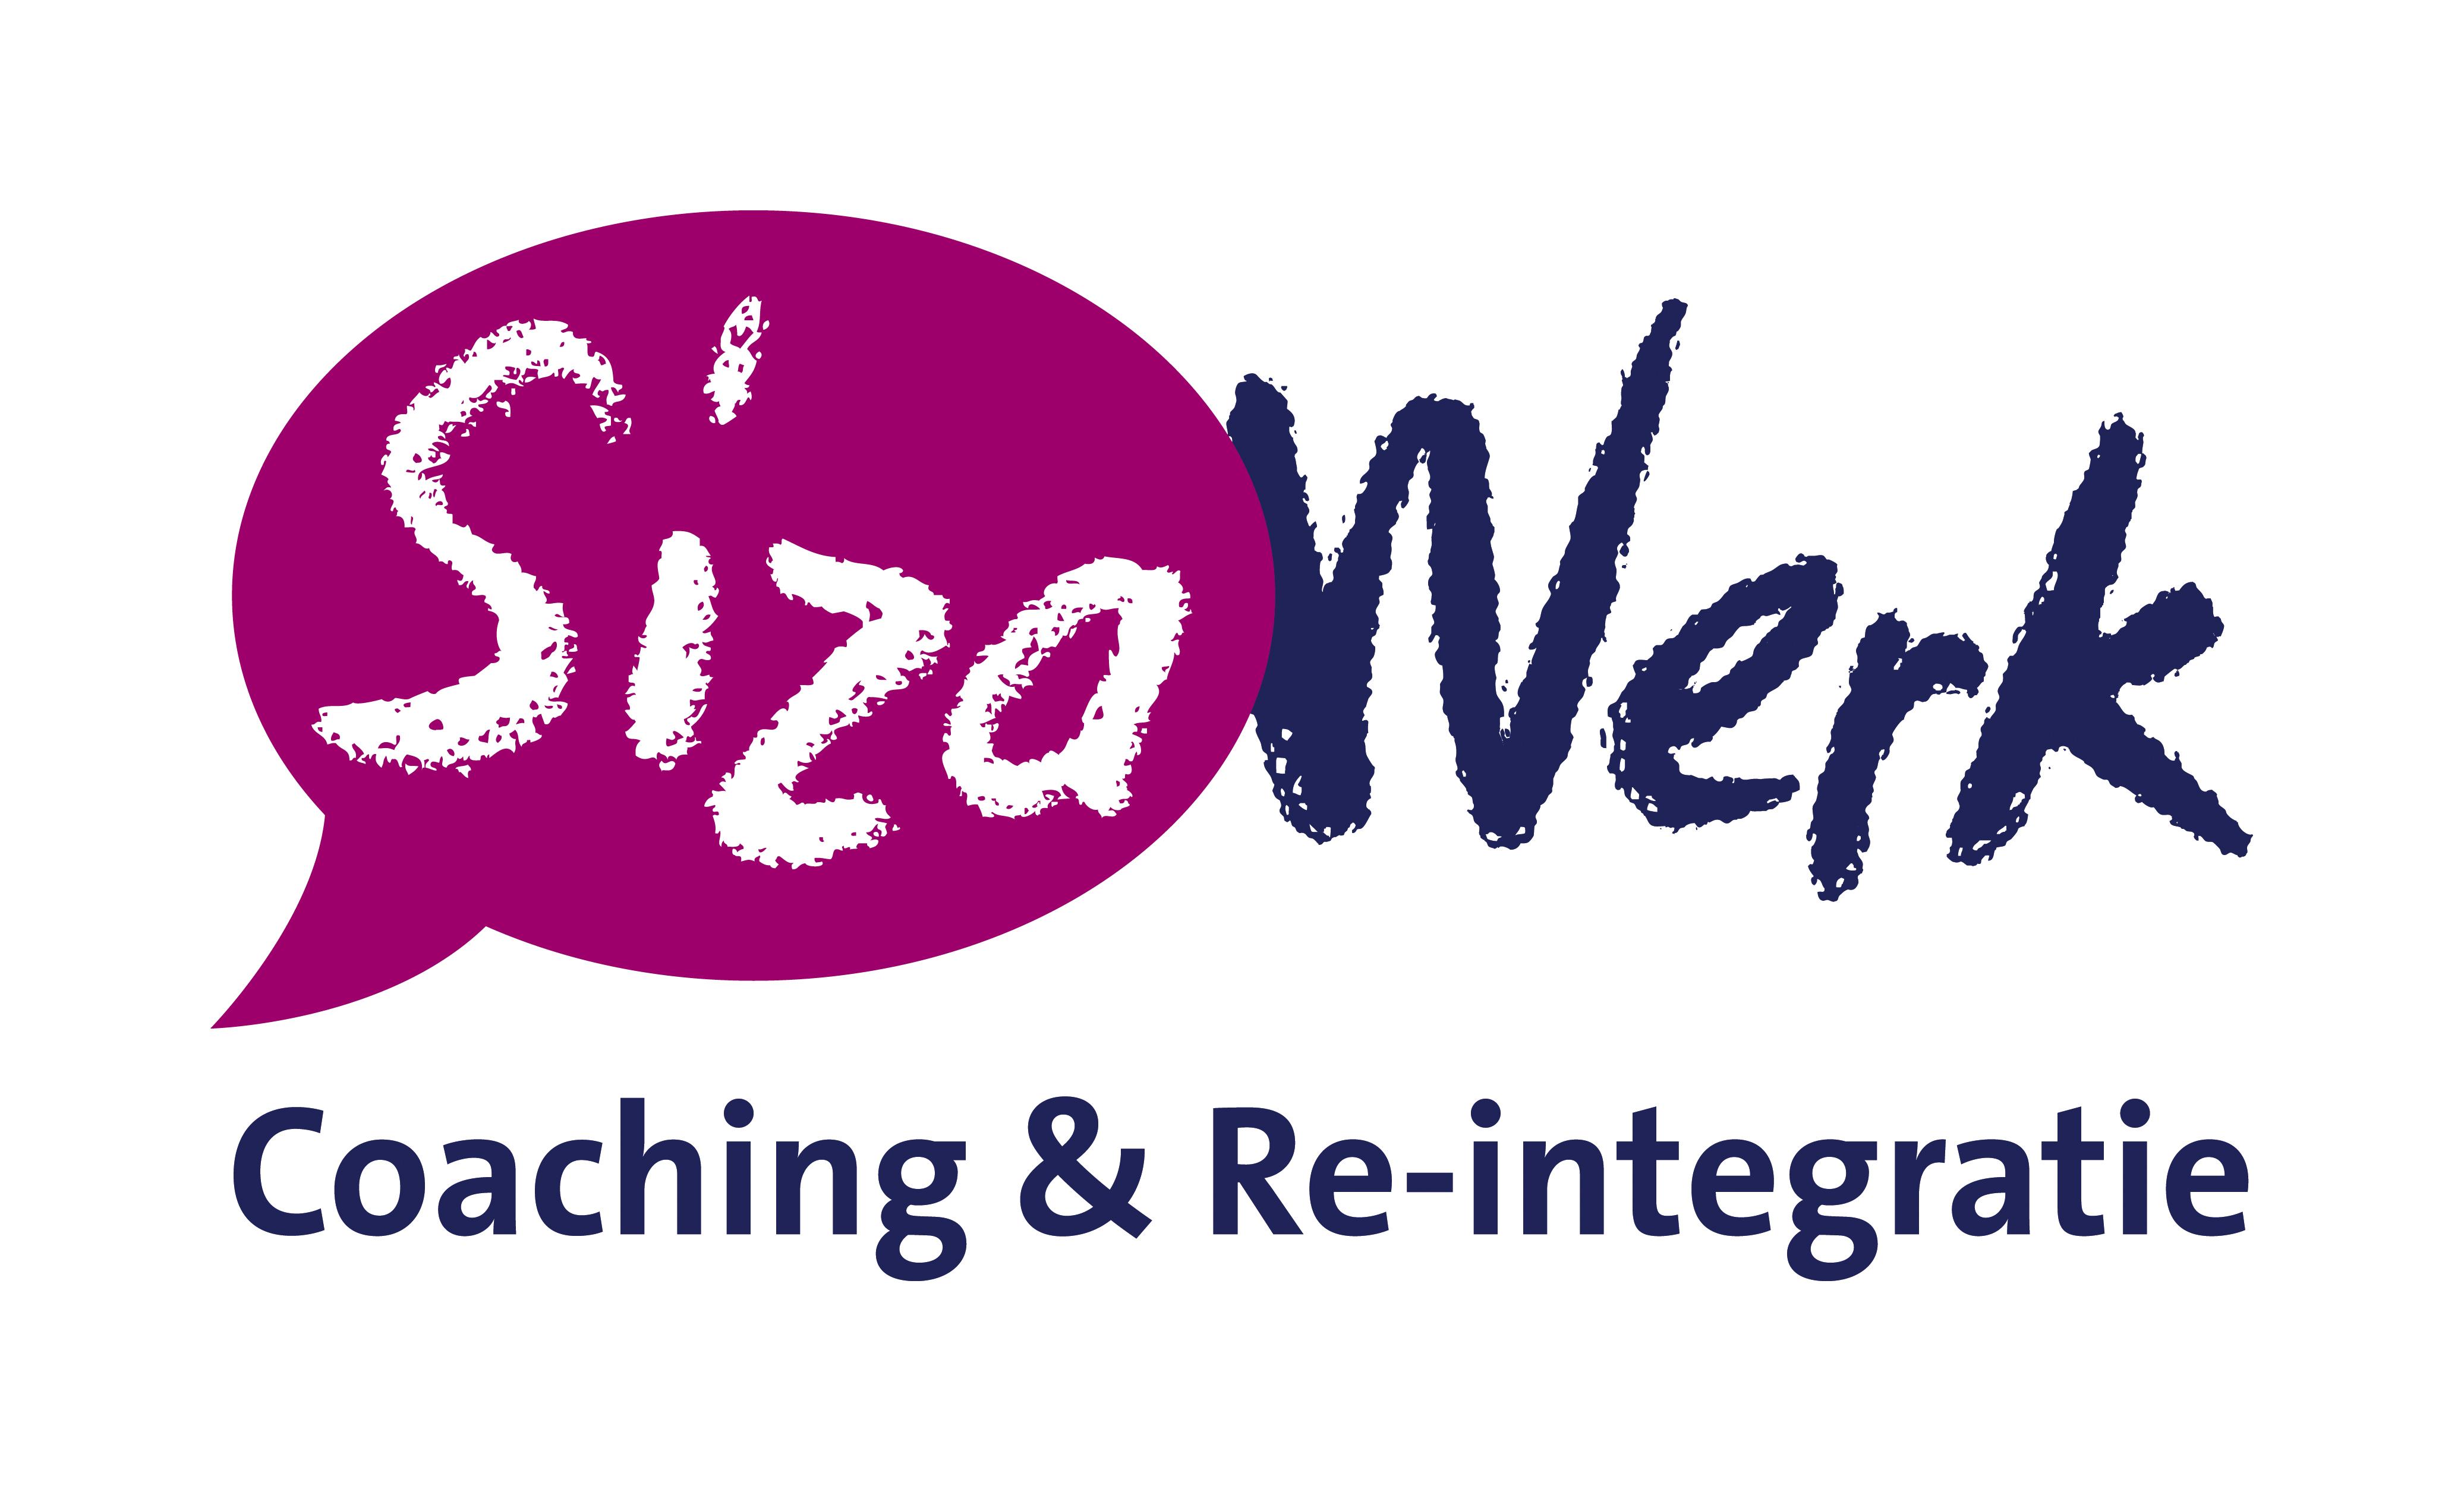 Bakkerij Van eigen deeg - leren en werken naar vermogen - logo Siza met ondertitel